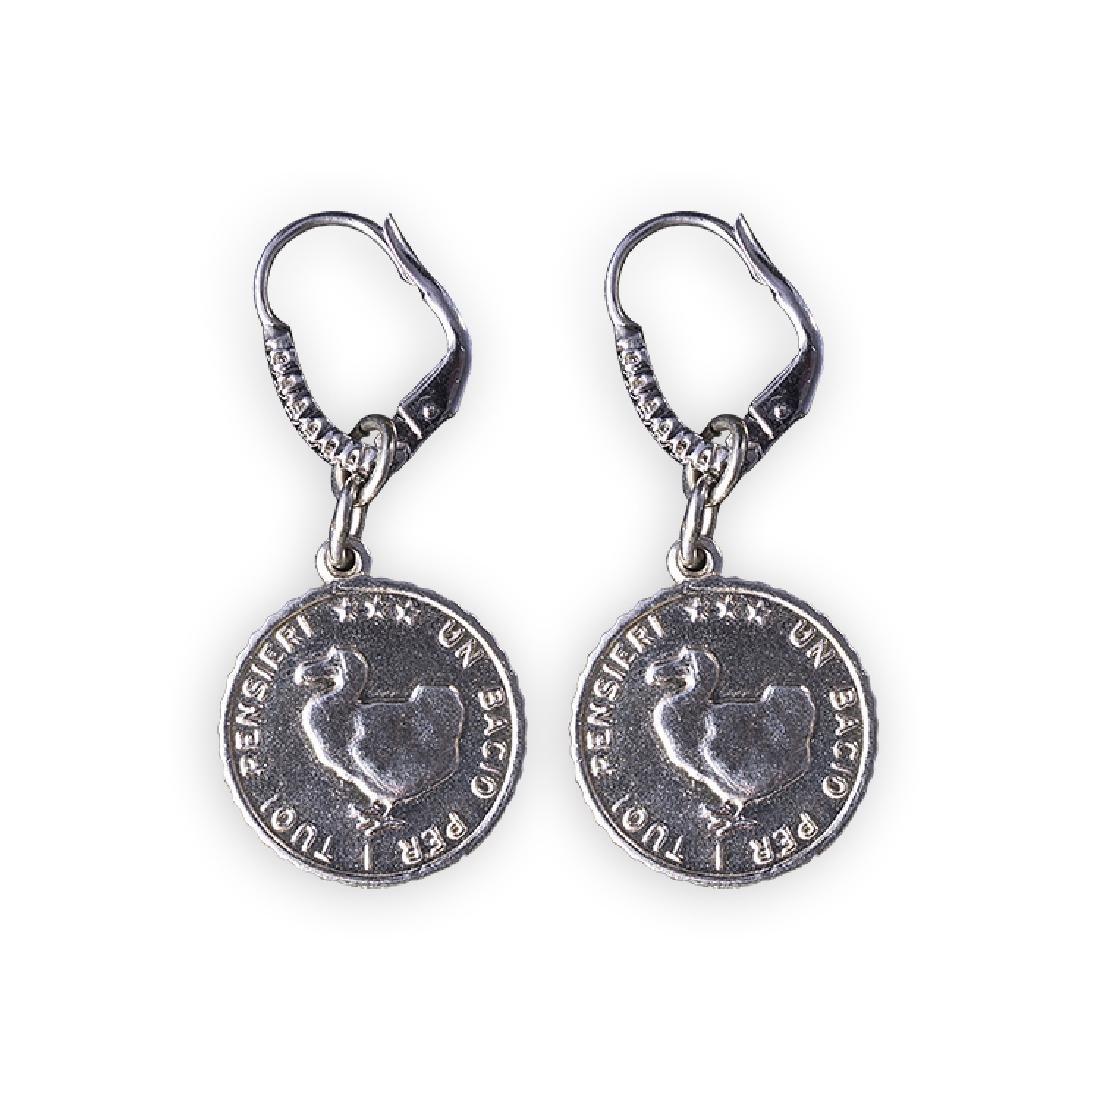 POMELLATO Dodo earrings